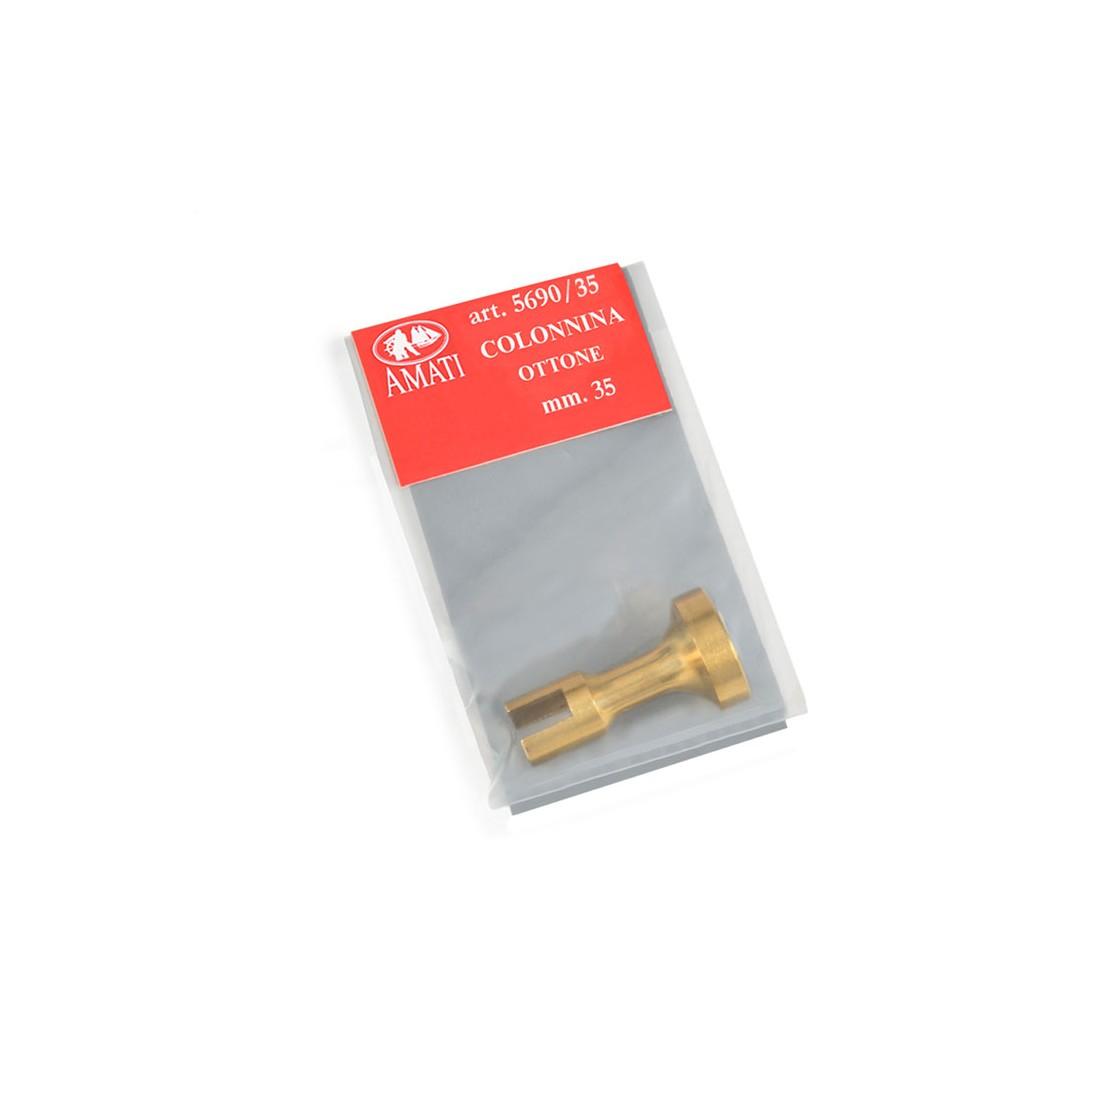 Brass pedestals h. mm 35